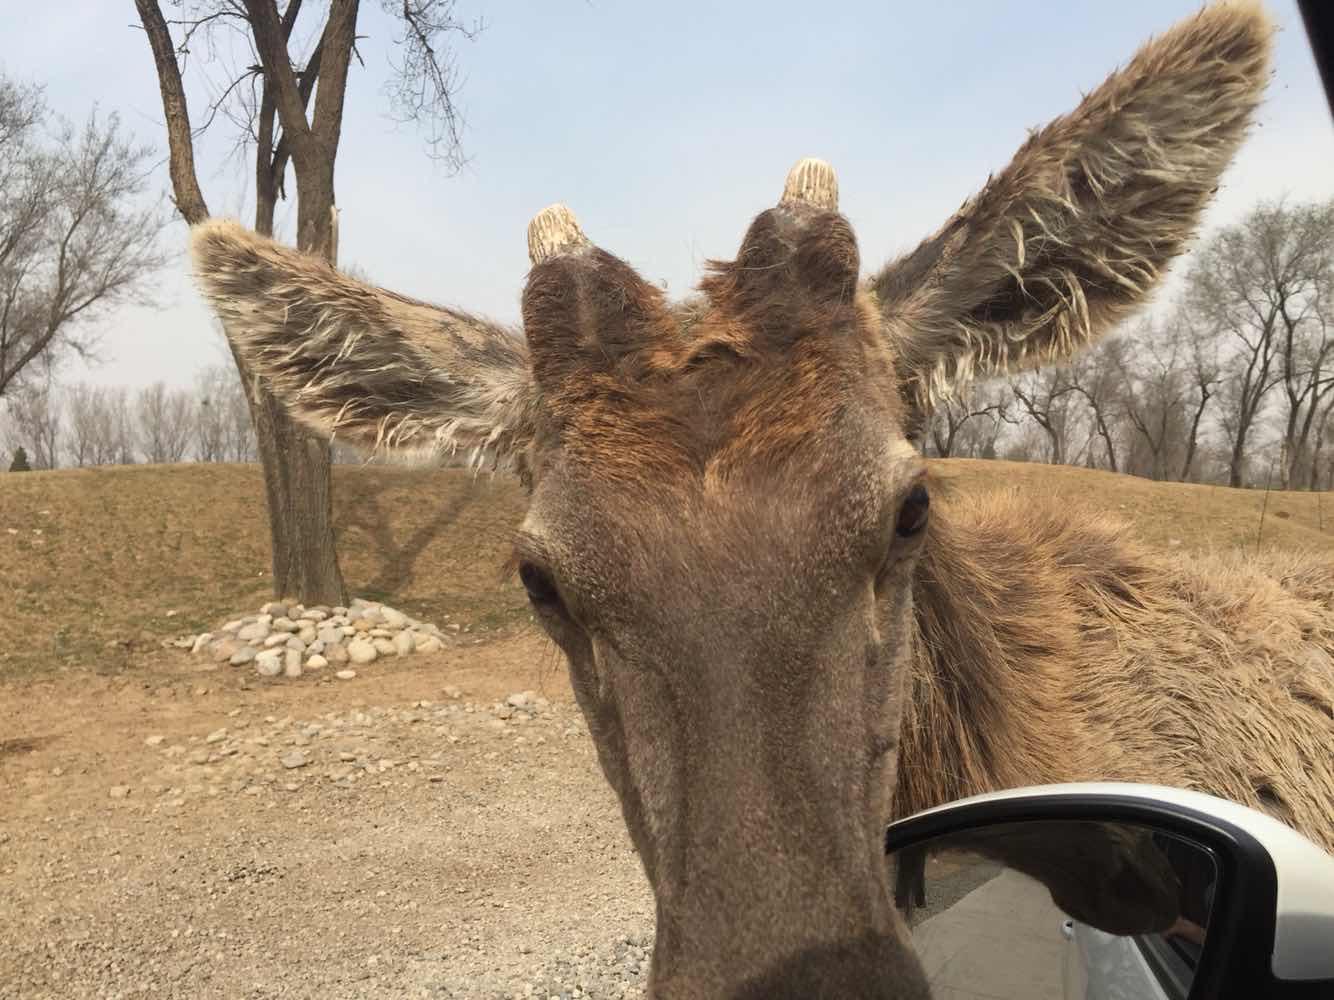 北京野生动物园   自驾区车票1份   门票双人票【出票2小时后生效】